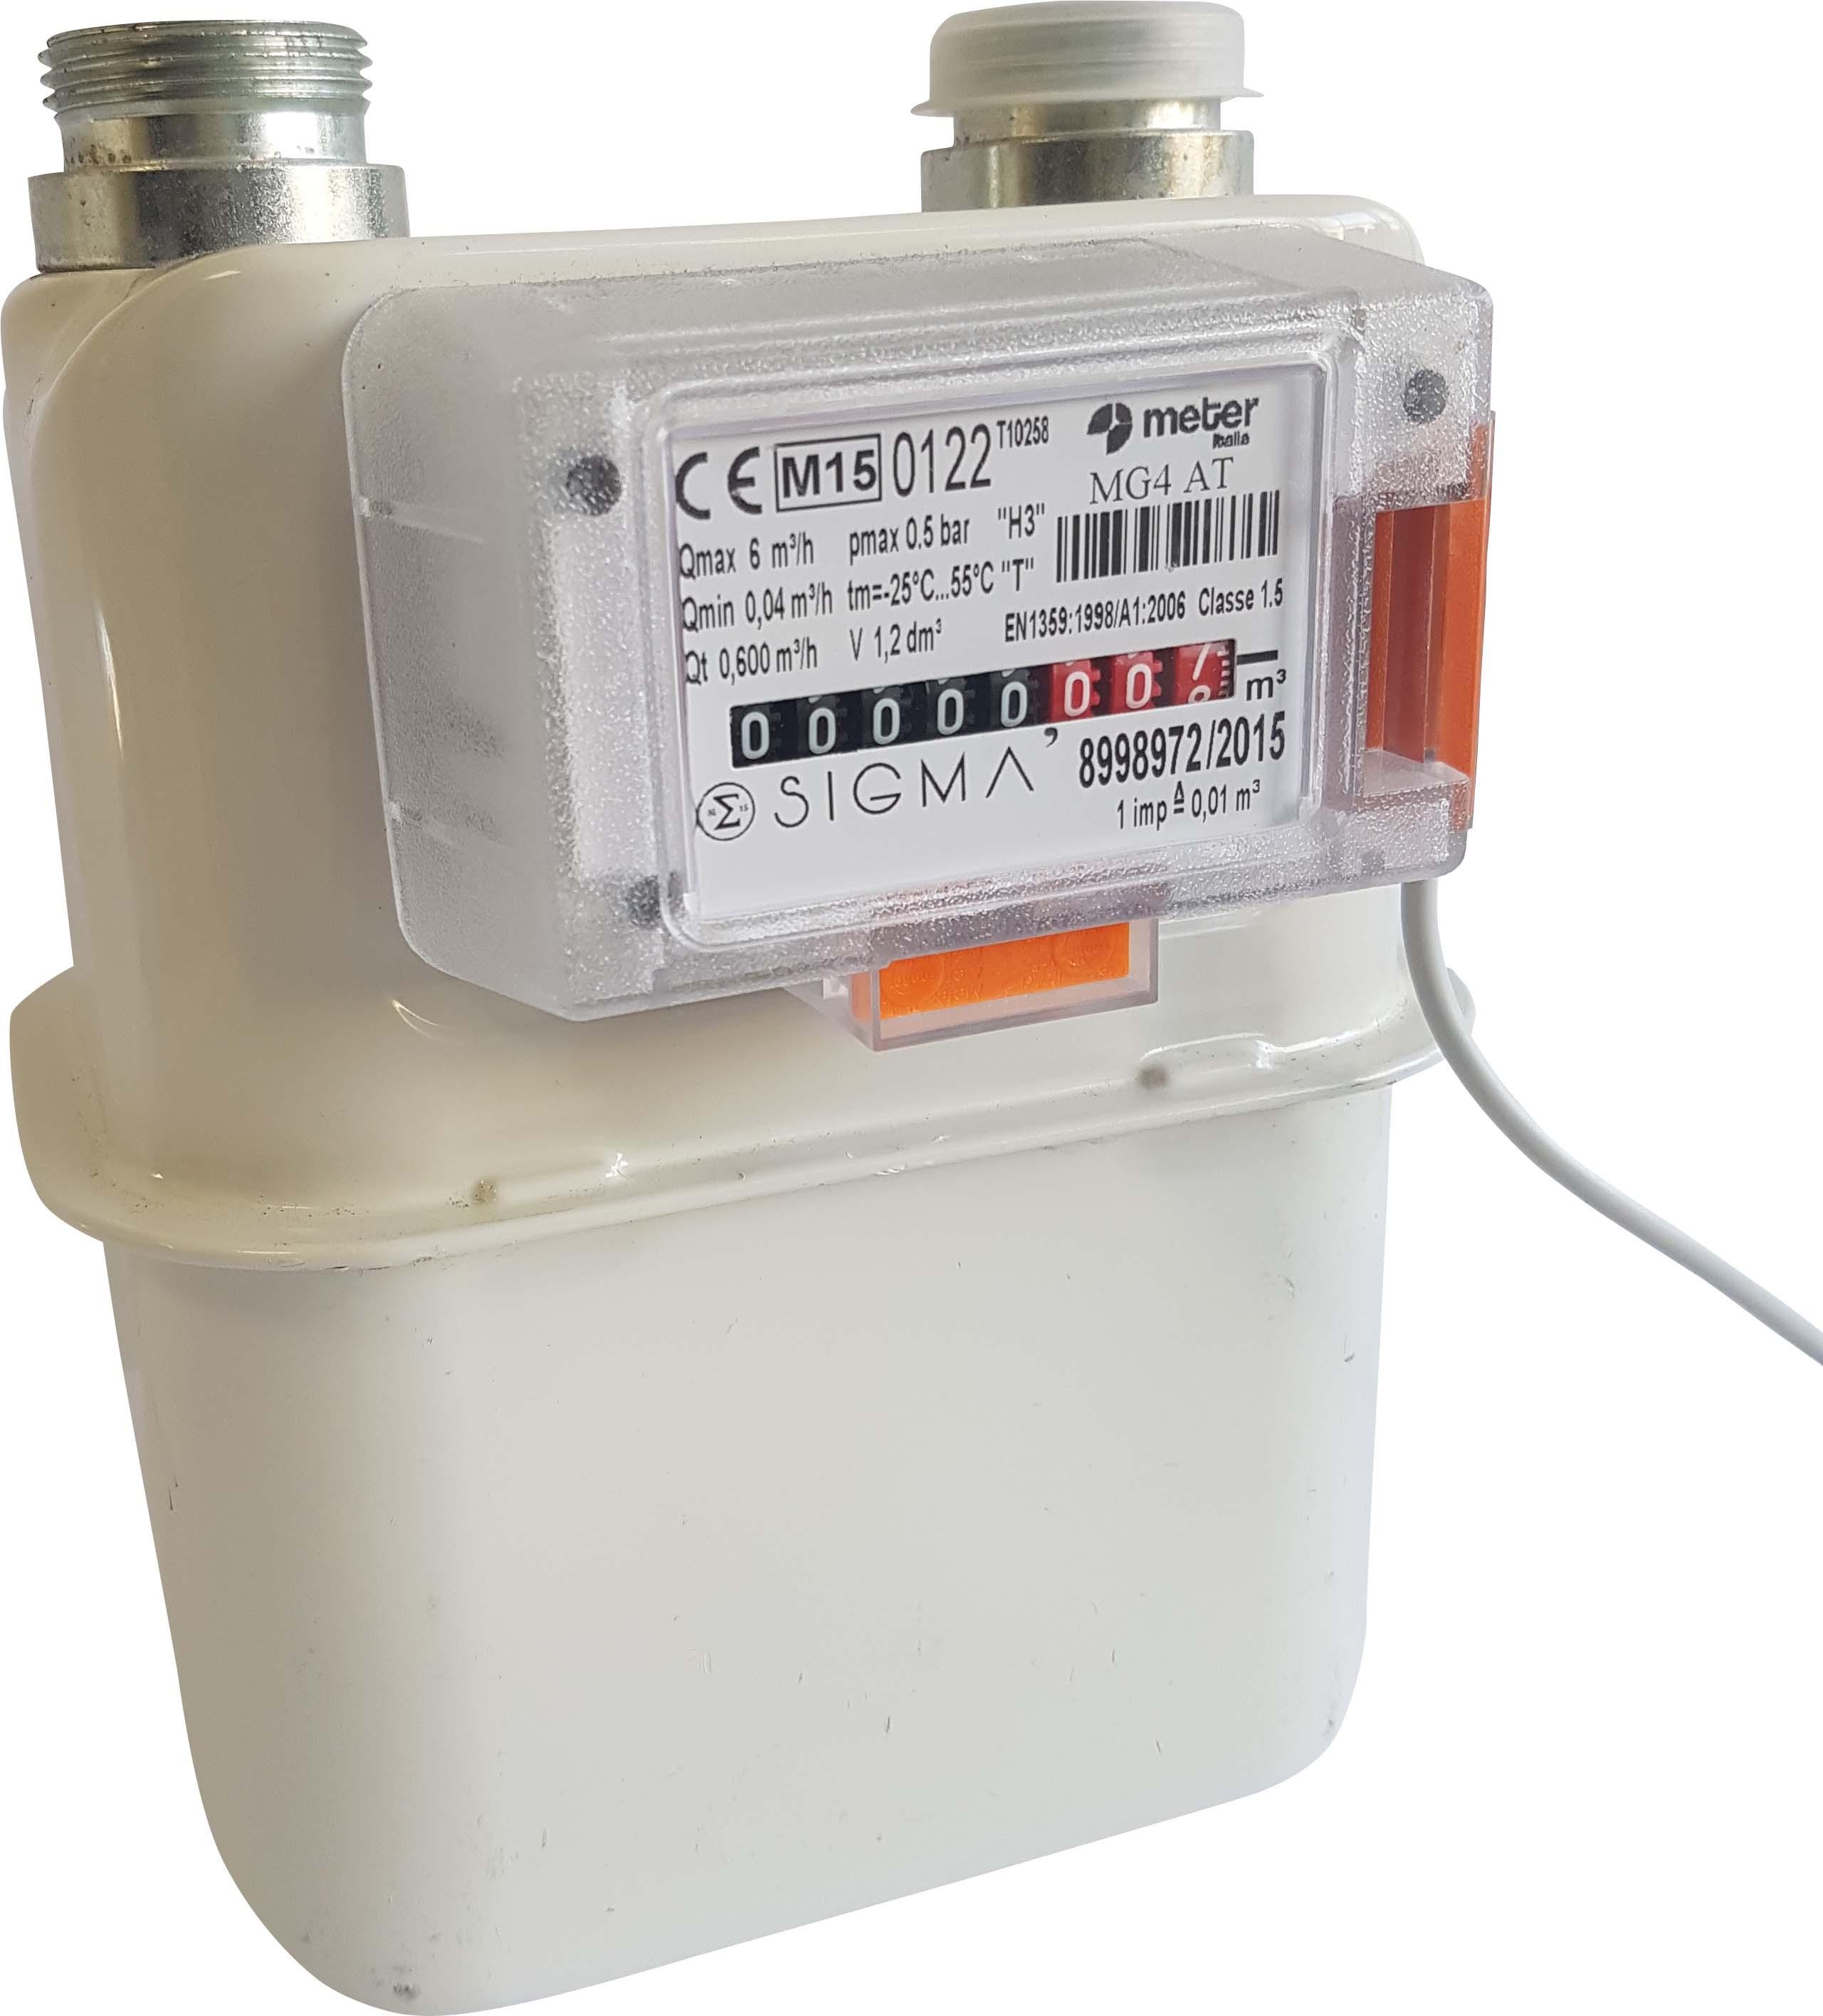 3 igdm sigma gas meter Web